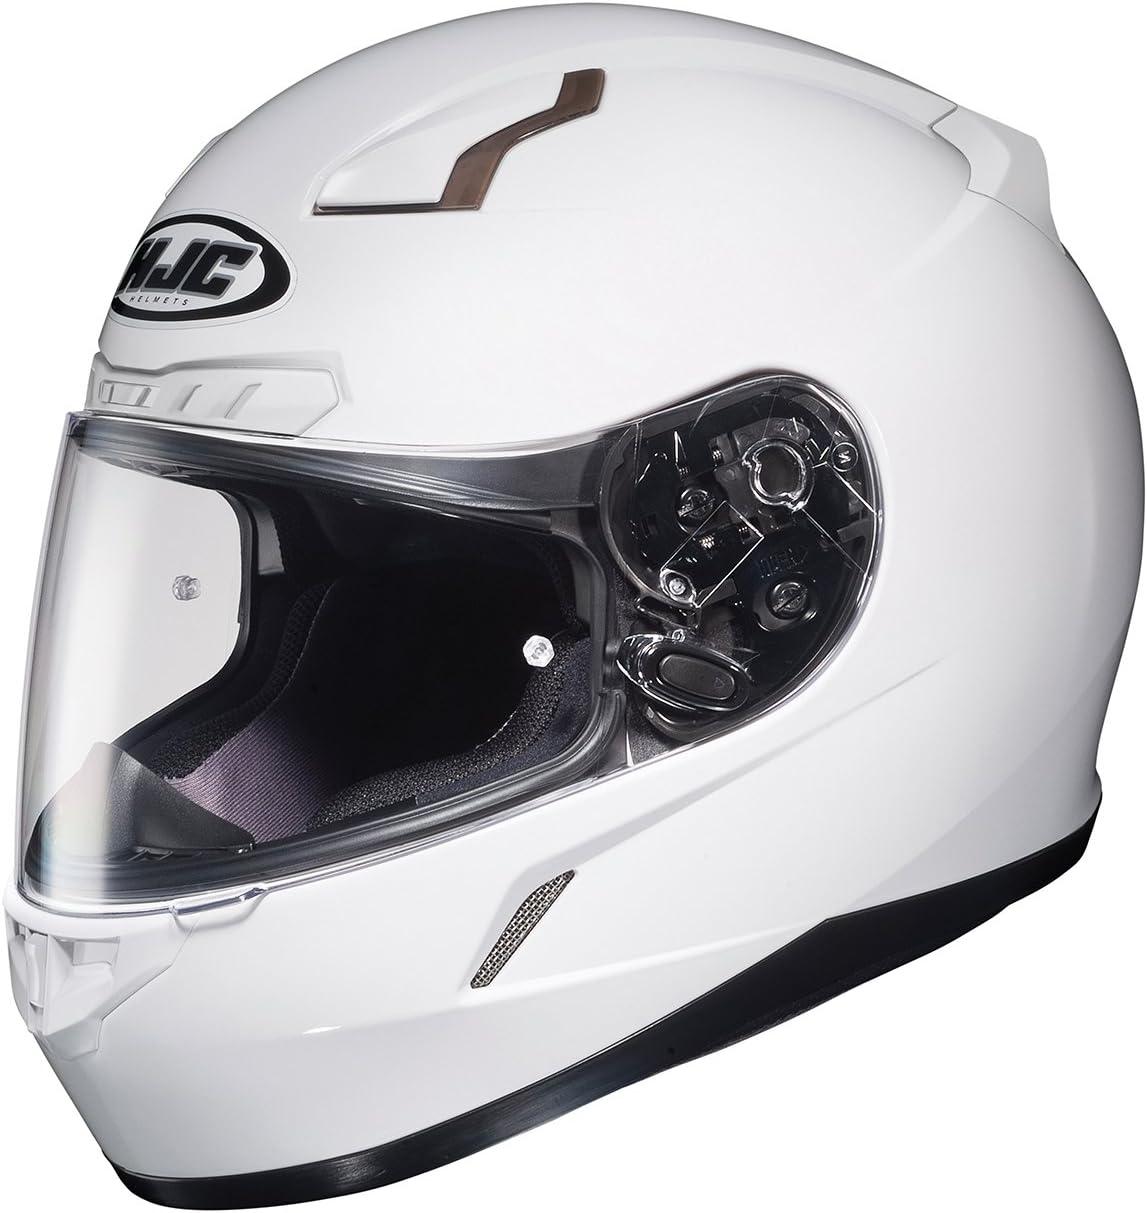 HJC 824-149 CL-17 Full-Face Motorcycle Helmet (White, 5X-Large)